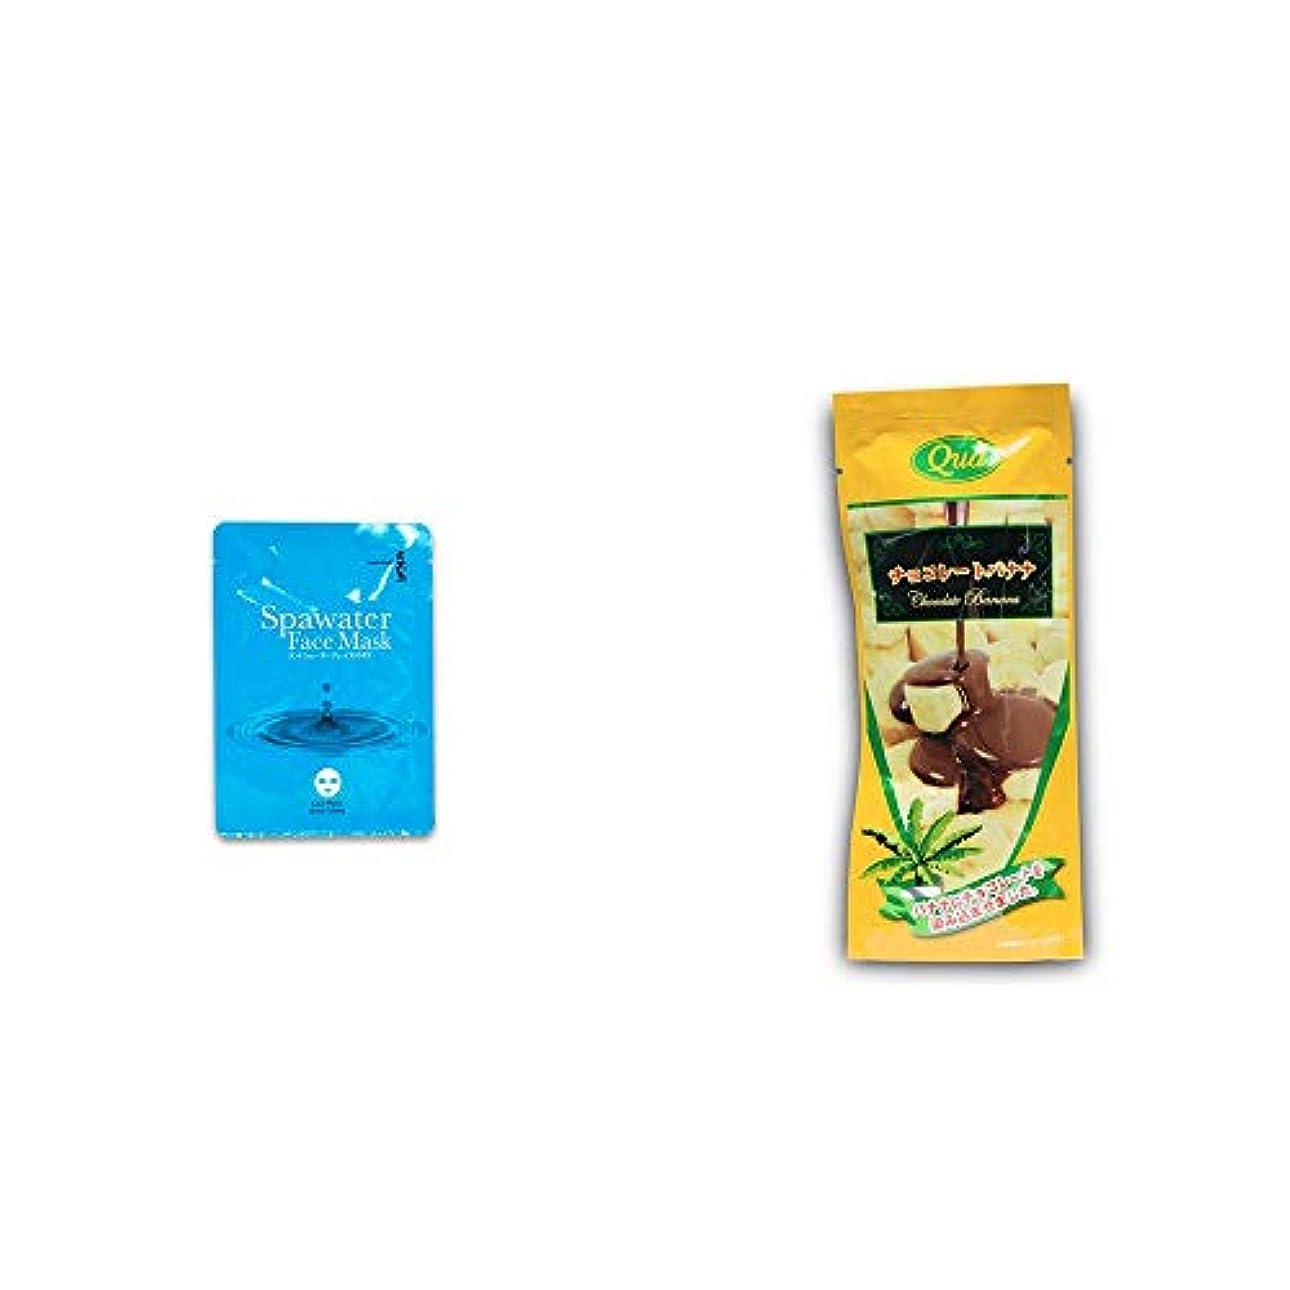 エスカレート先生夜間[2点セット] ひのき炭黒泉 スパウォーターフェイスマスク(18ml×3枚入)?フリーズドライ チョコレートバナナ(50g)